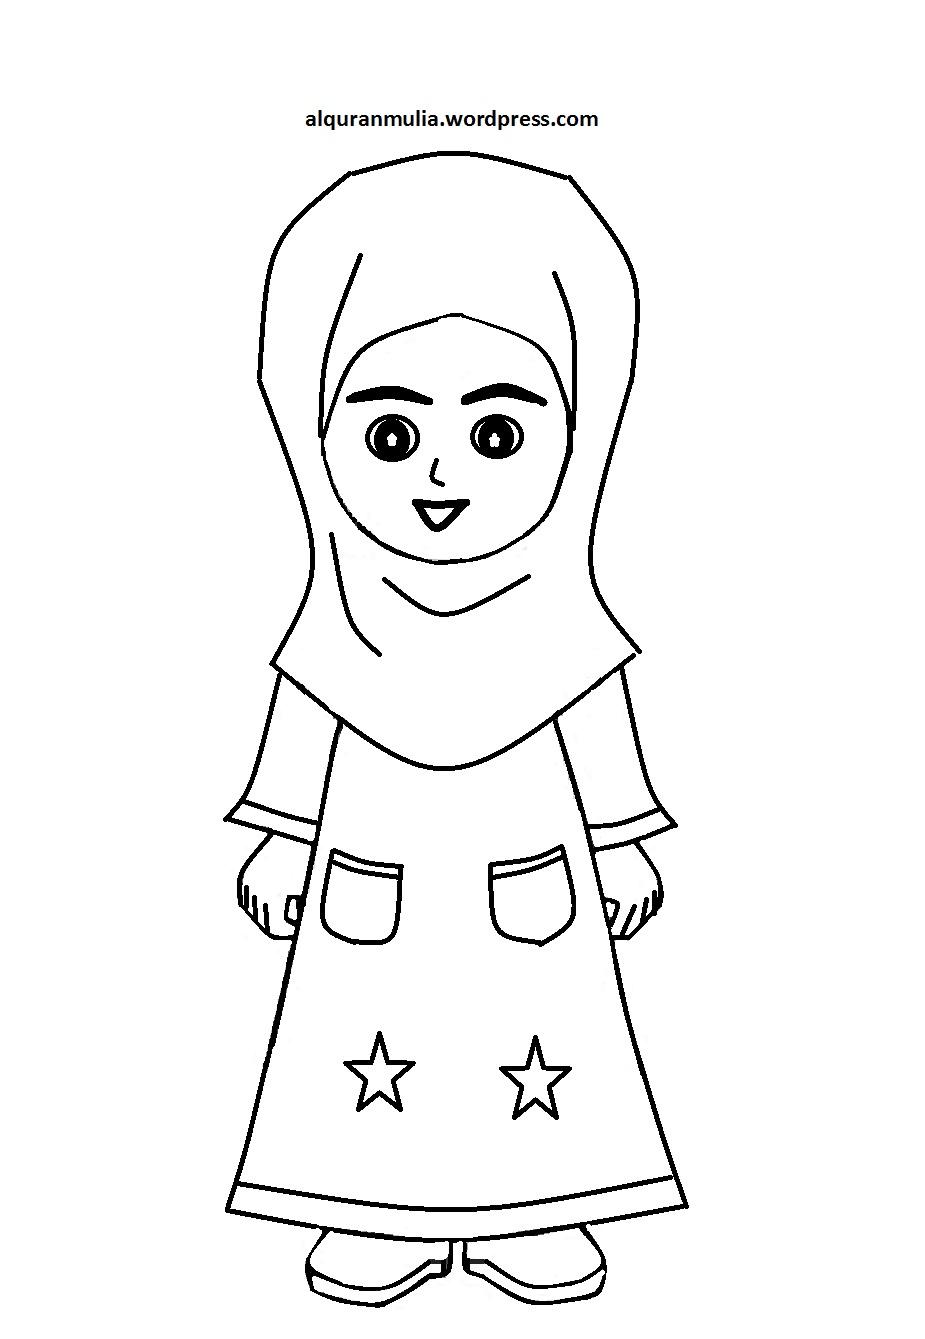 Mewarnai Sketsa Gambar Mewarnai Islami Terbaru KataUcap